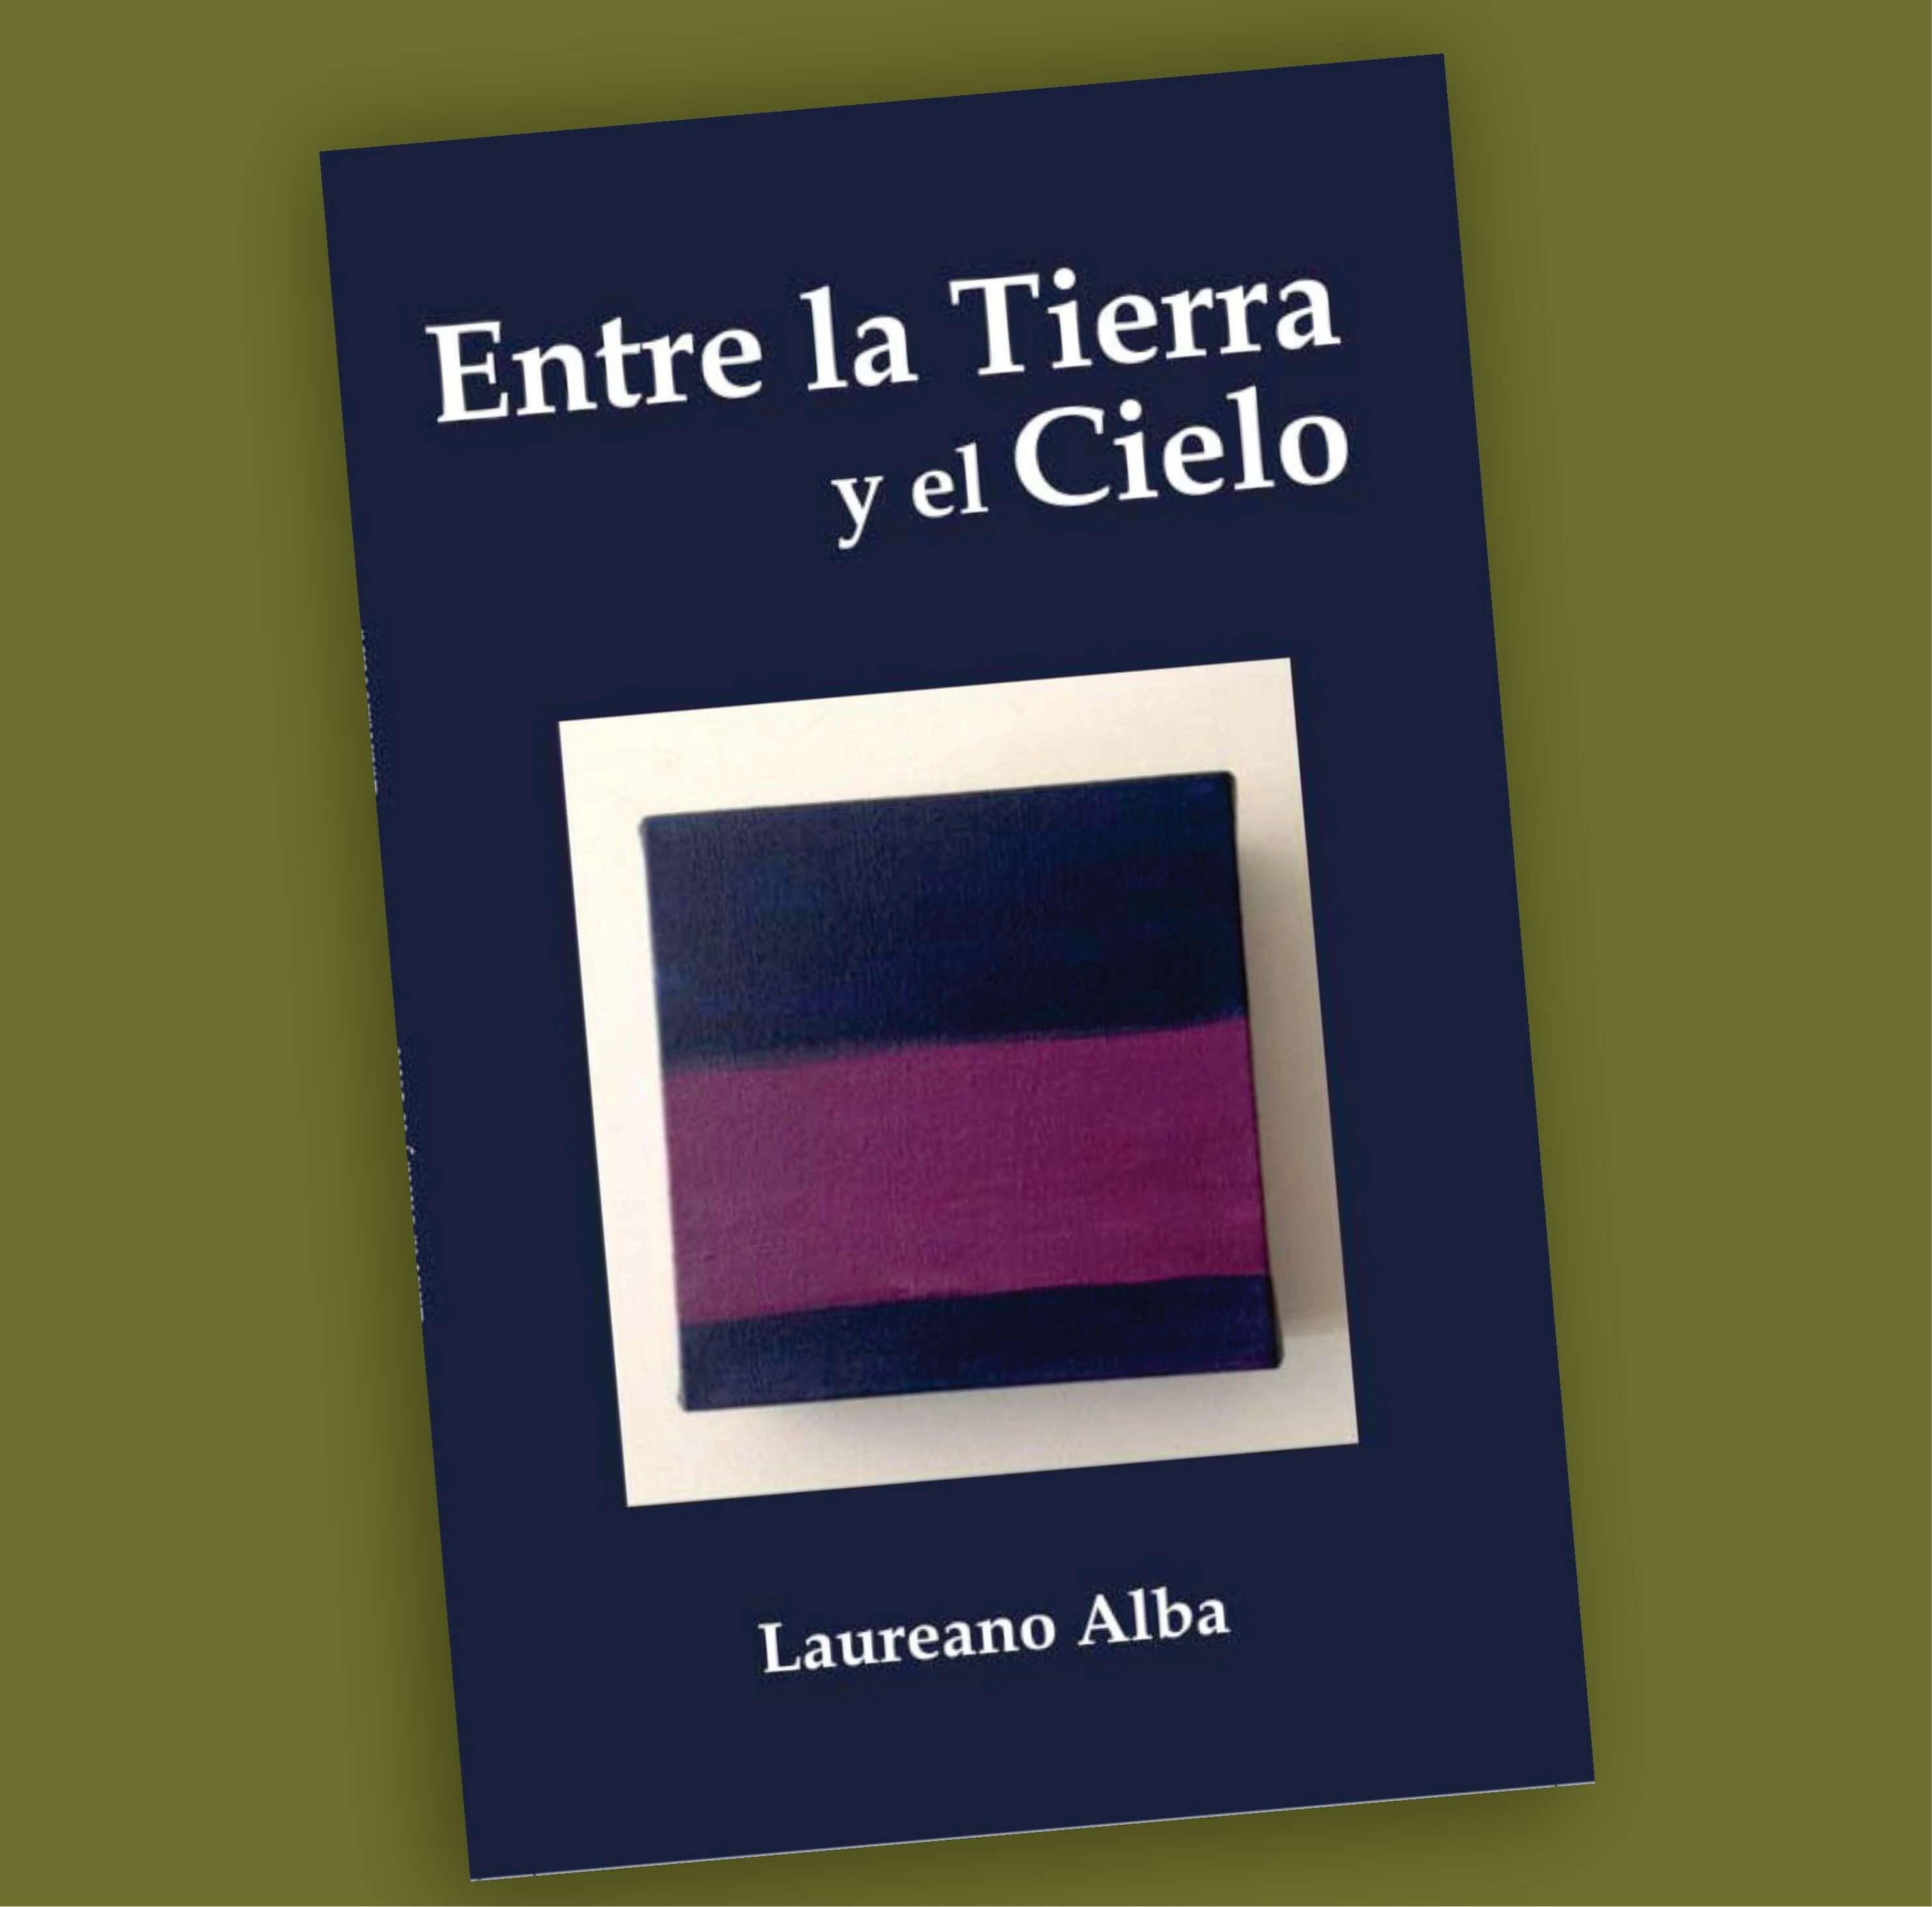 Entre la Tierra y el Cielo-Laureano Alba